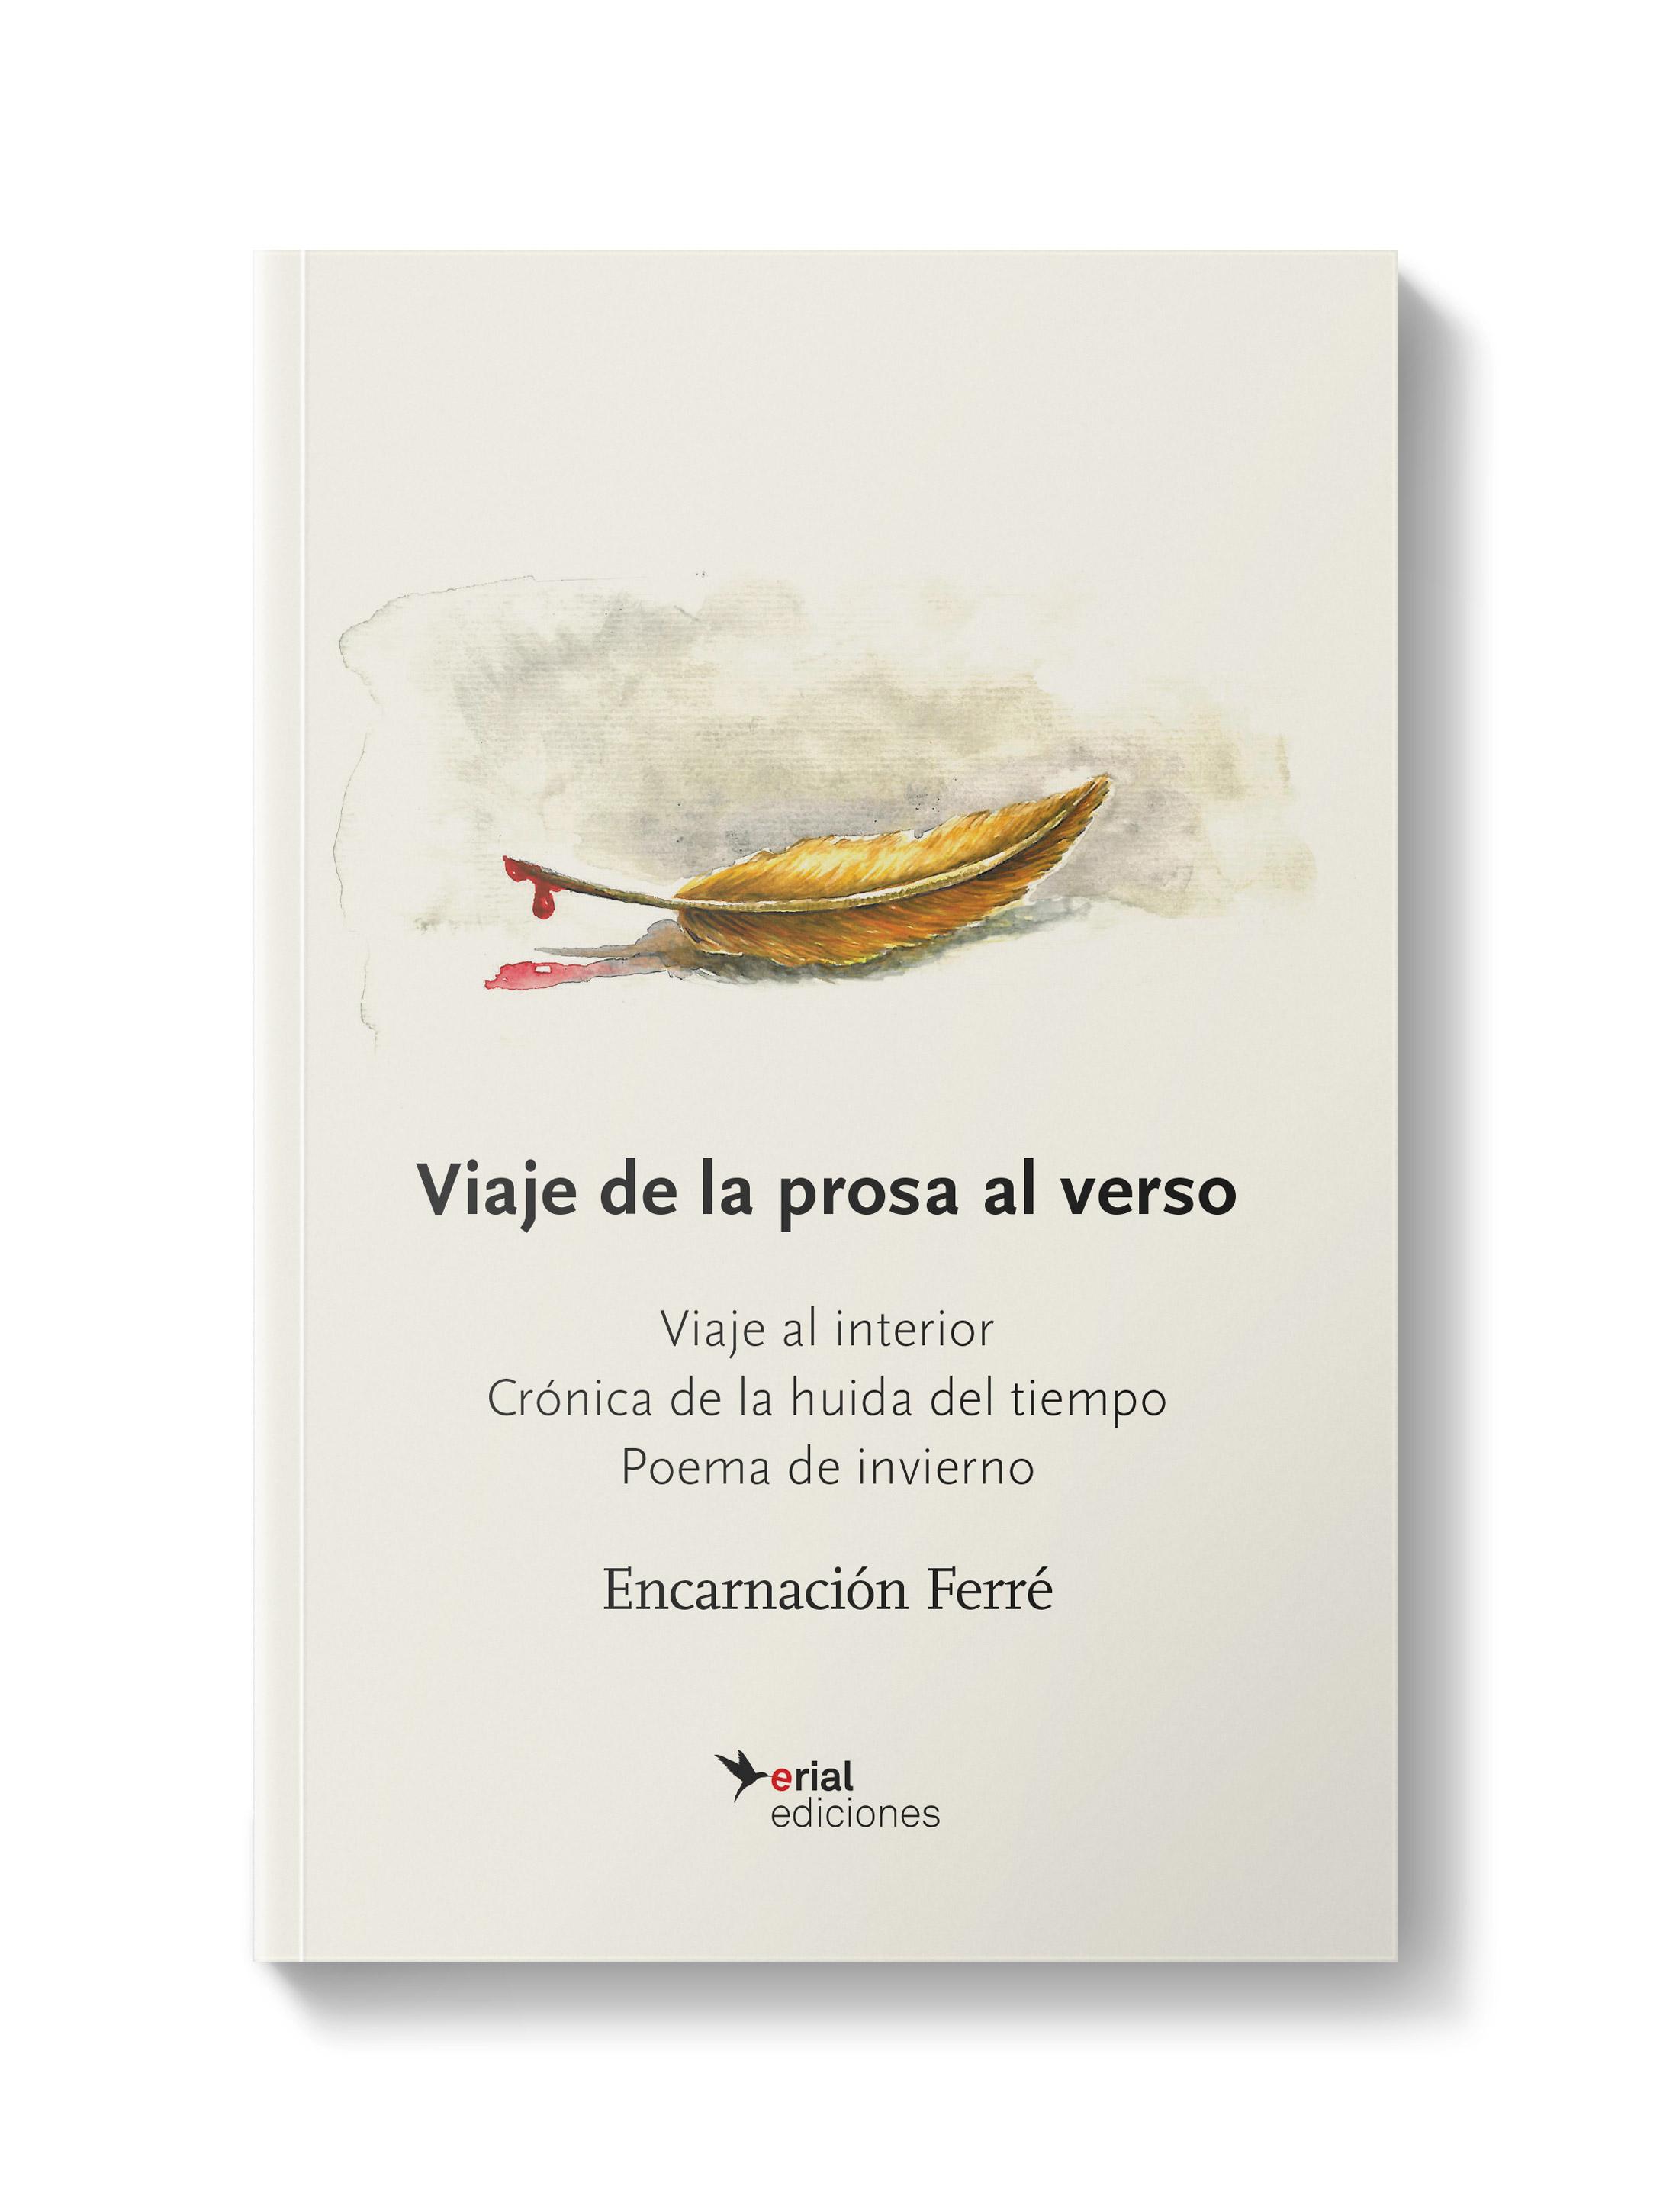 PVP.- 18 euros/Asociados.- 15 euros